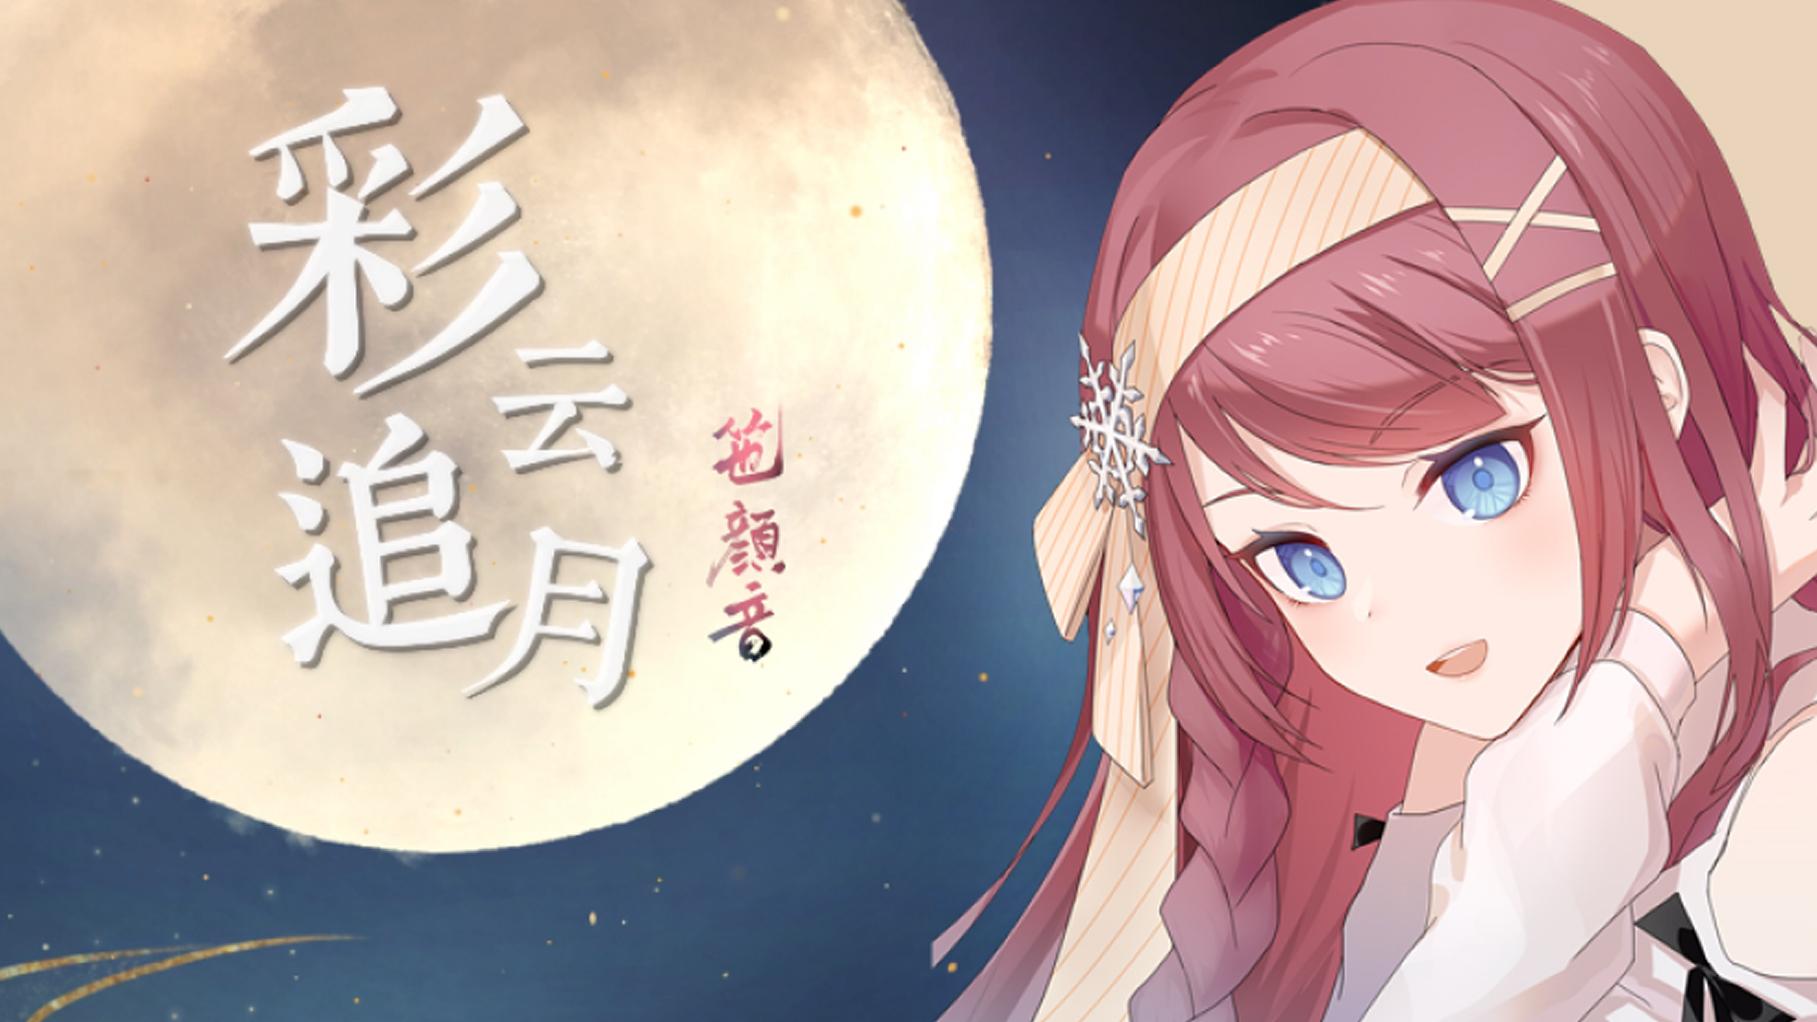 【竾颜音 x 雪薇】彩云追月(纯人声BGM+爵士舞是什么奇妙的碰撞)